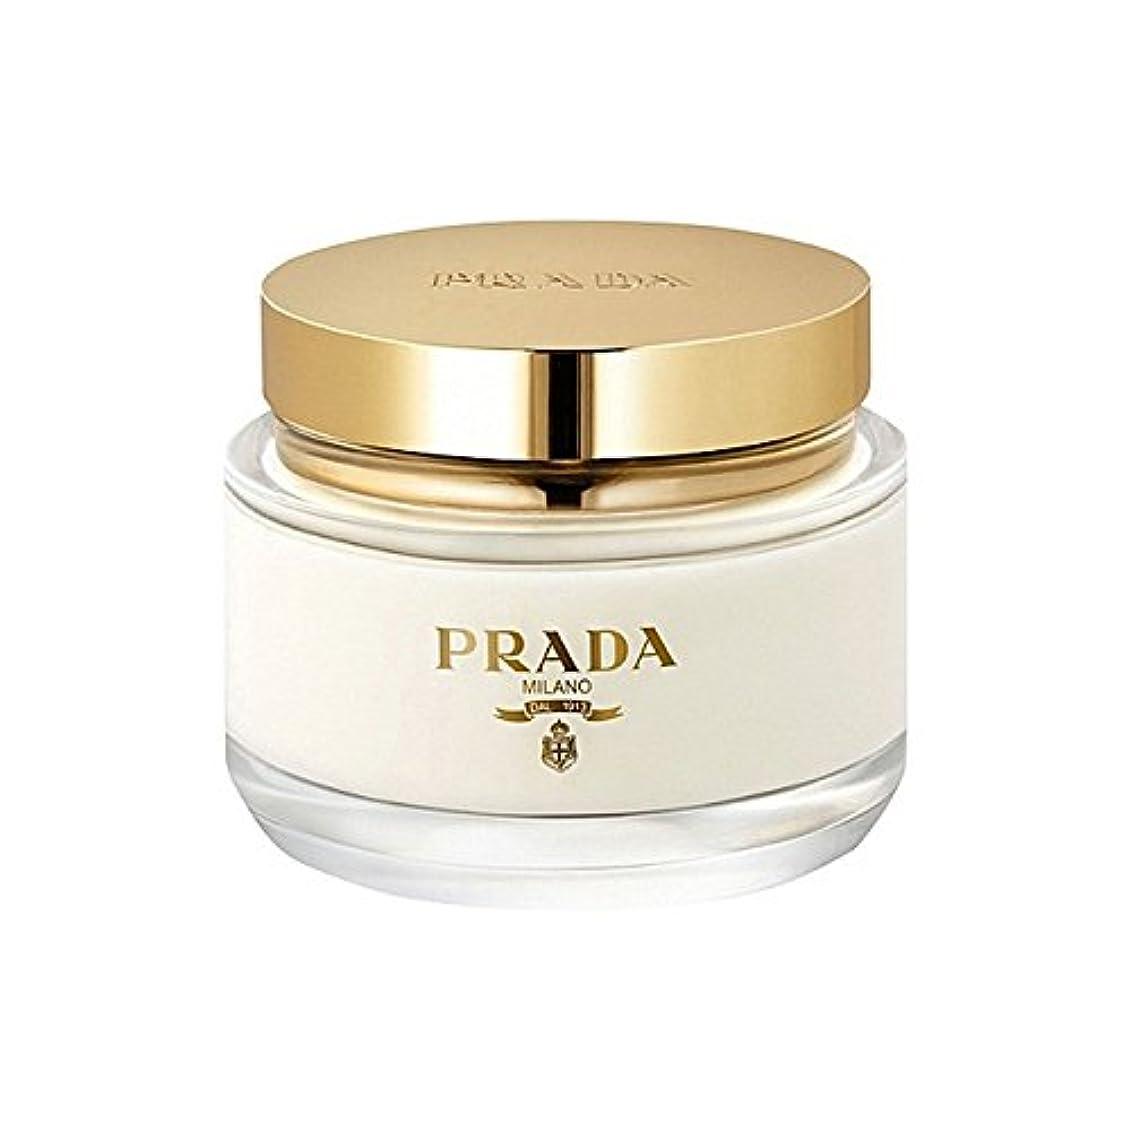 投票克服する百科事典プラダラファムボディローション200 x4 - Prada La Femme Body Lotion 200ml (Pack of 4) [並行輸入品]